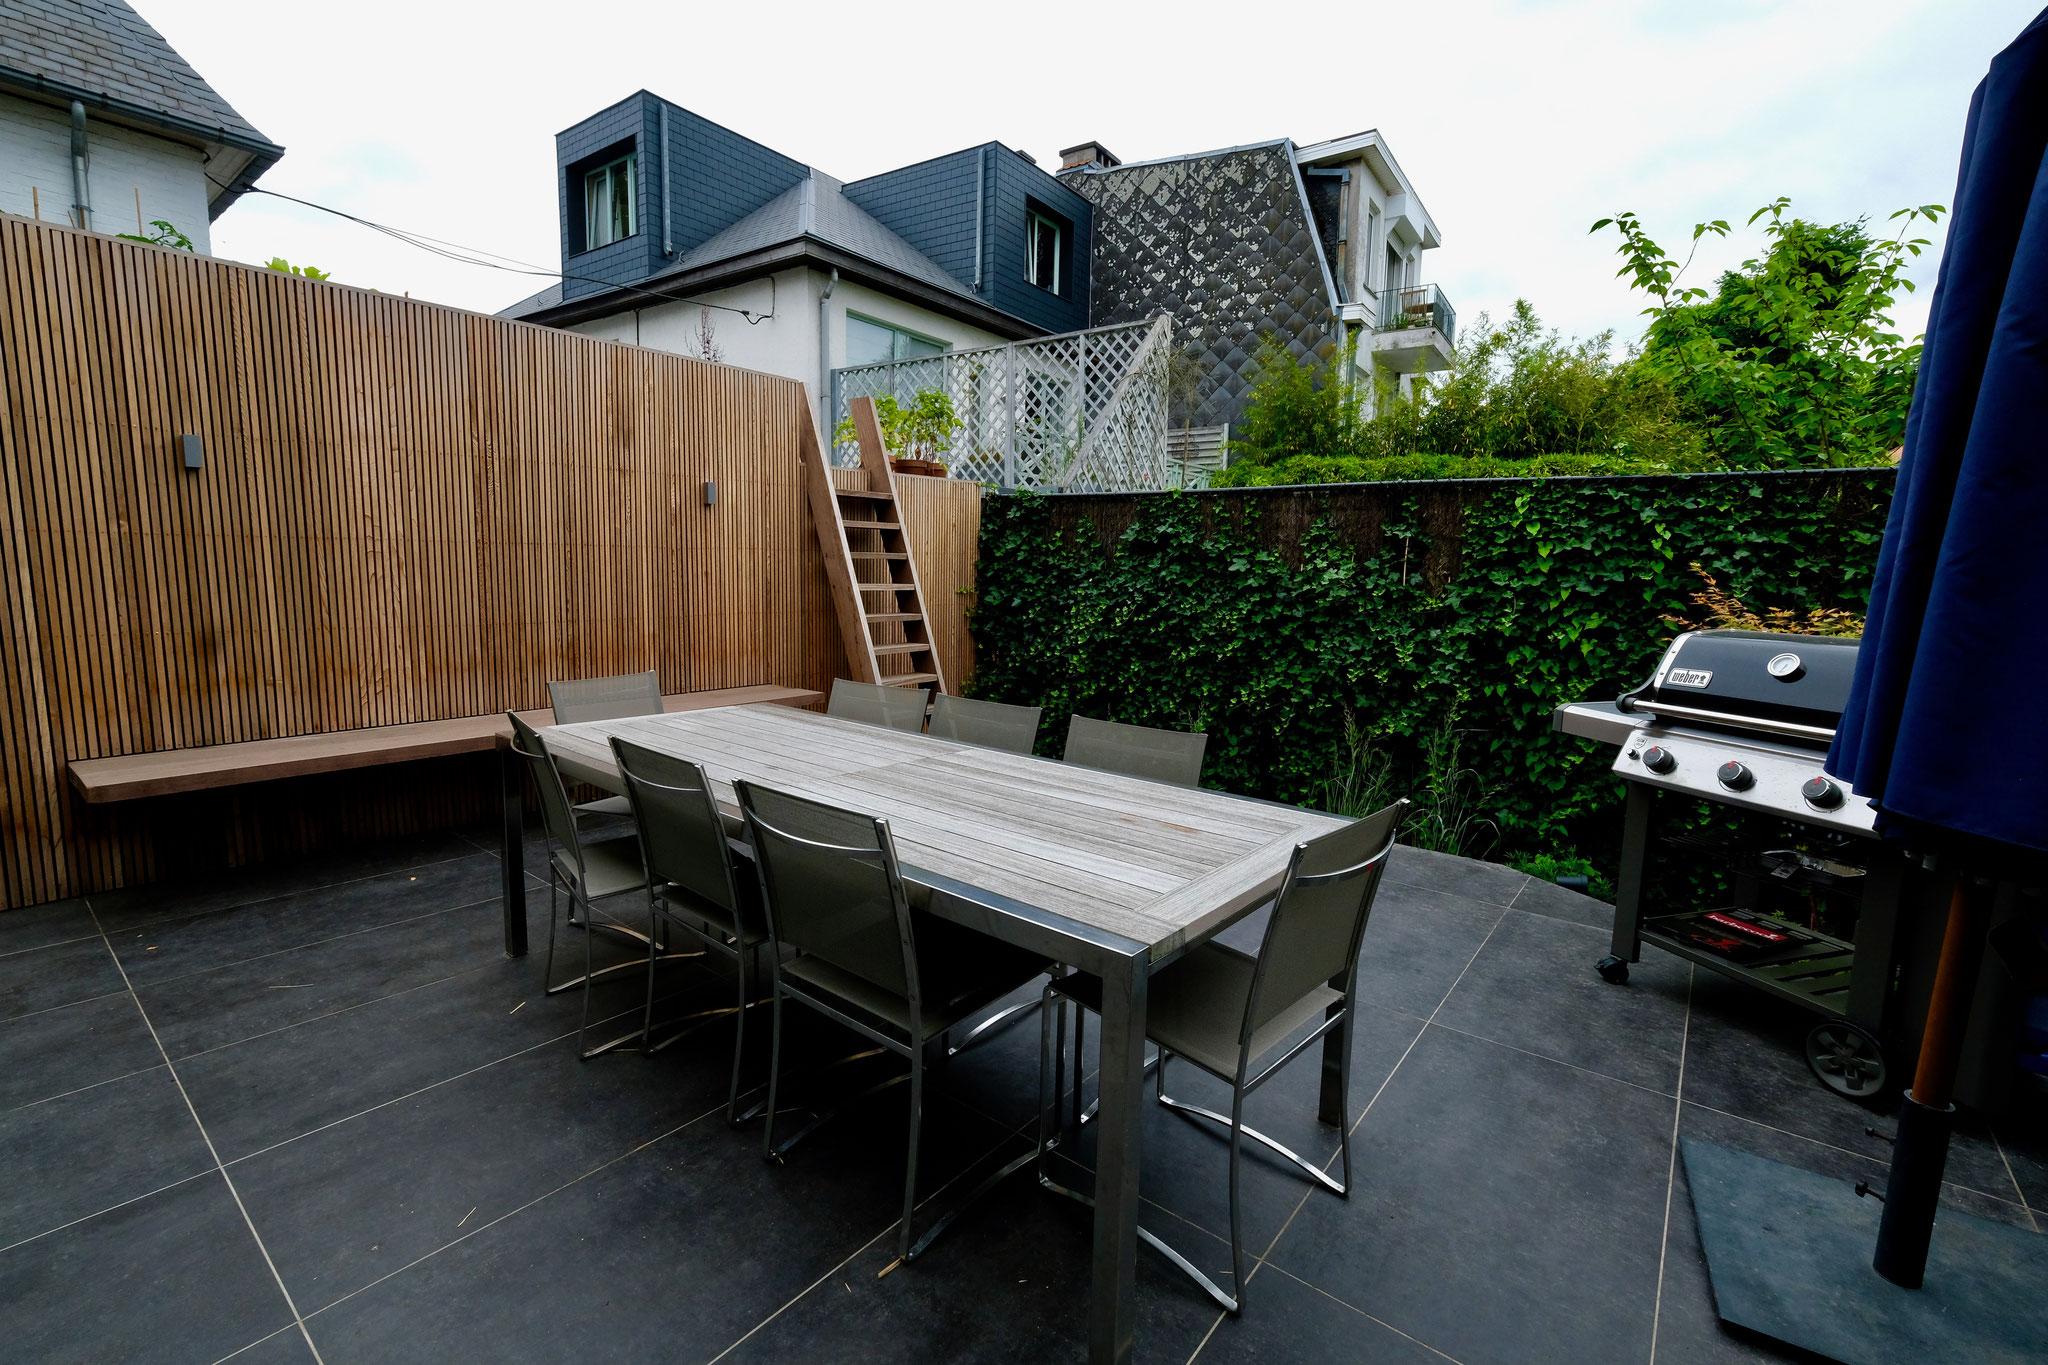 Jardin de ville 150m2 - Jardin contemporain - Jardin arrière. Aménagement jardin Bruxelles